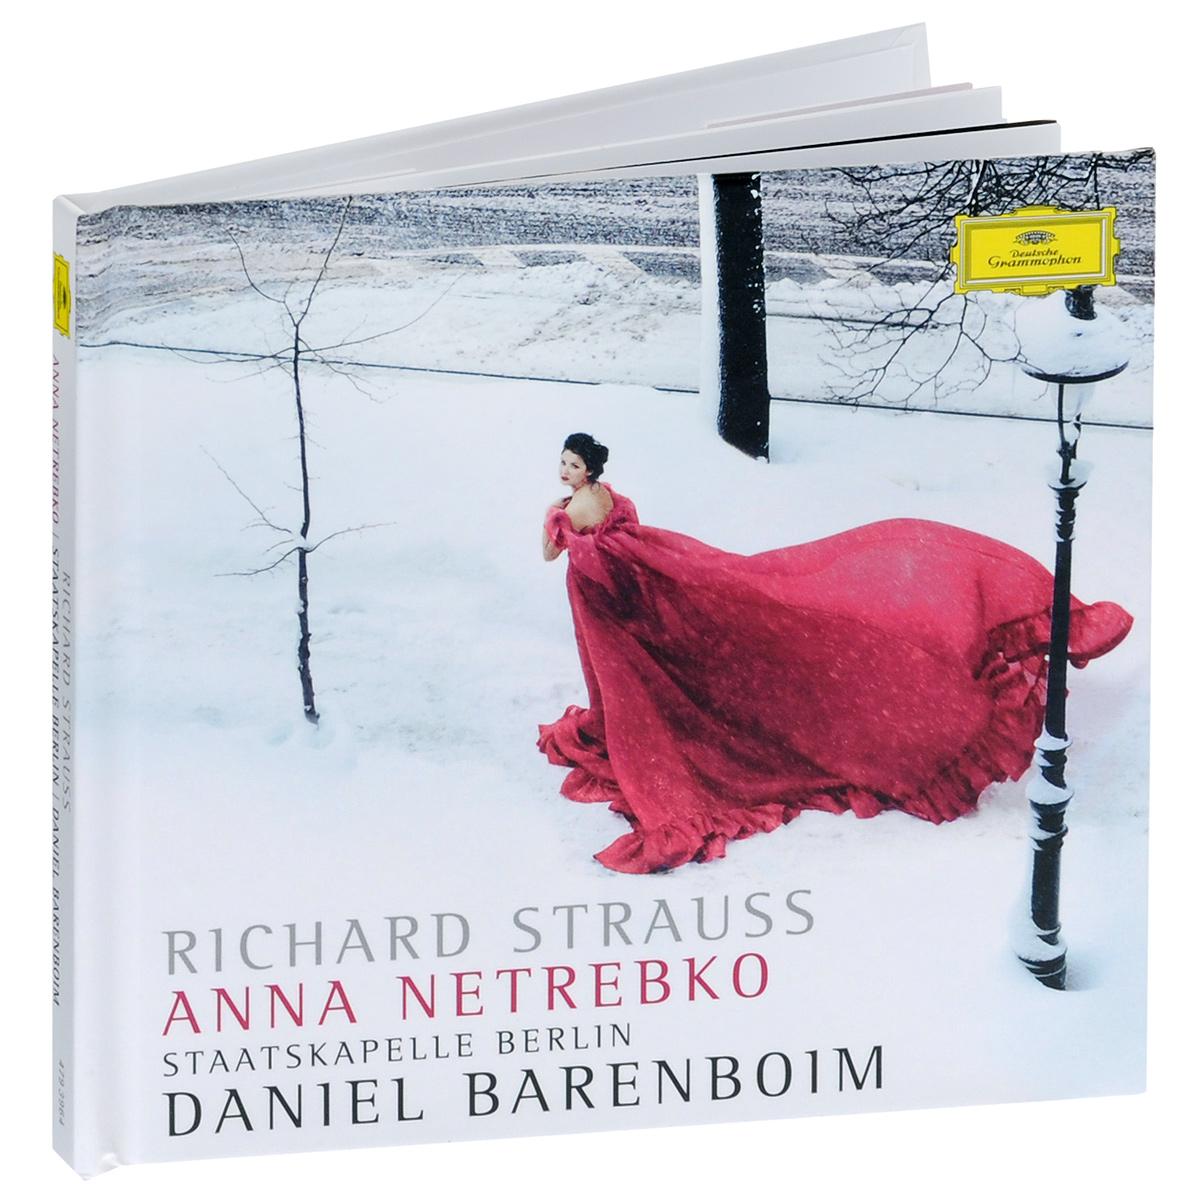 Издание упаковано в картонный DigiPack размером с 24-страничным буклетом-книгой, закрепленным в середине упаковки. Буклет содержит фотографии и дополнительную информацию на английском, немецком и французском языках.